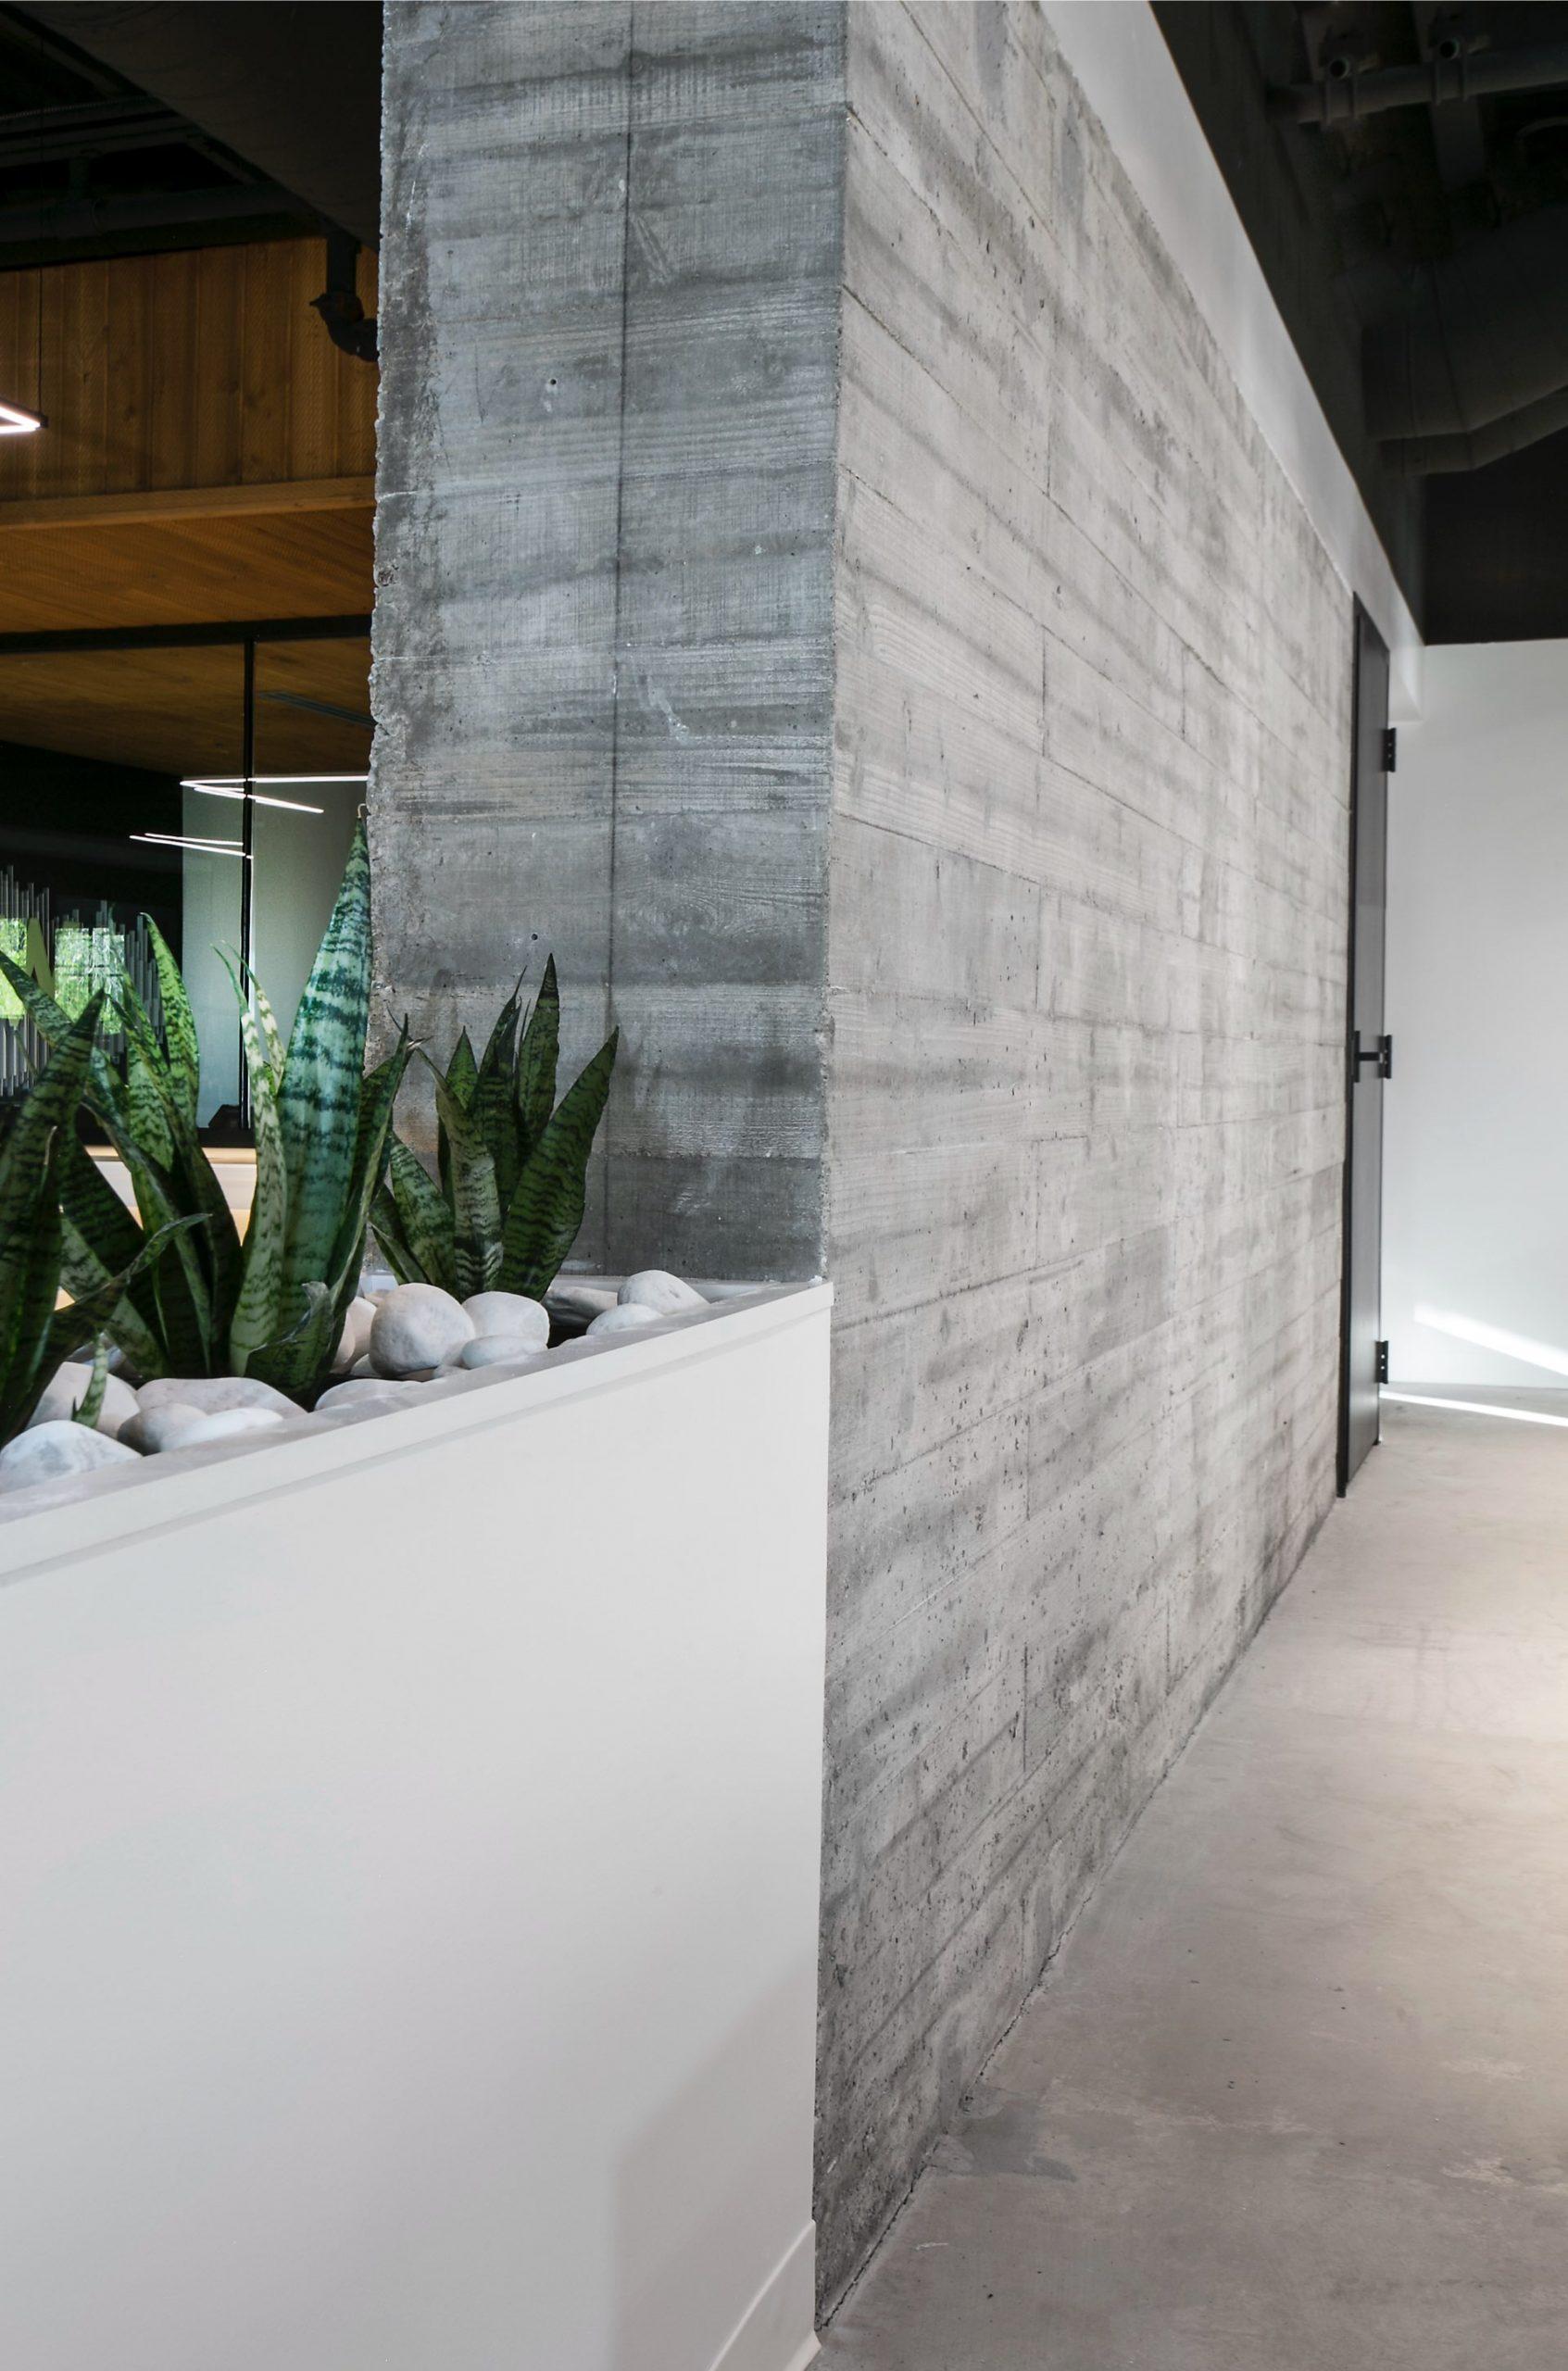 Interior design, KPCW Radio, architectural design by Elliott Workgroup